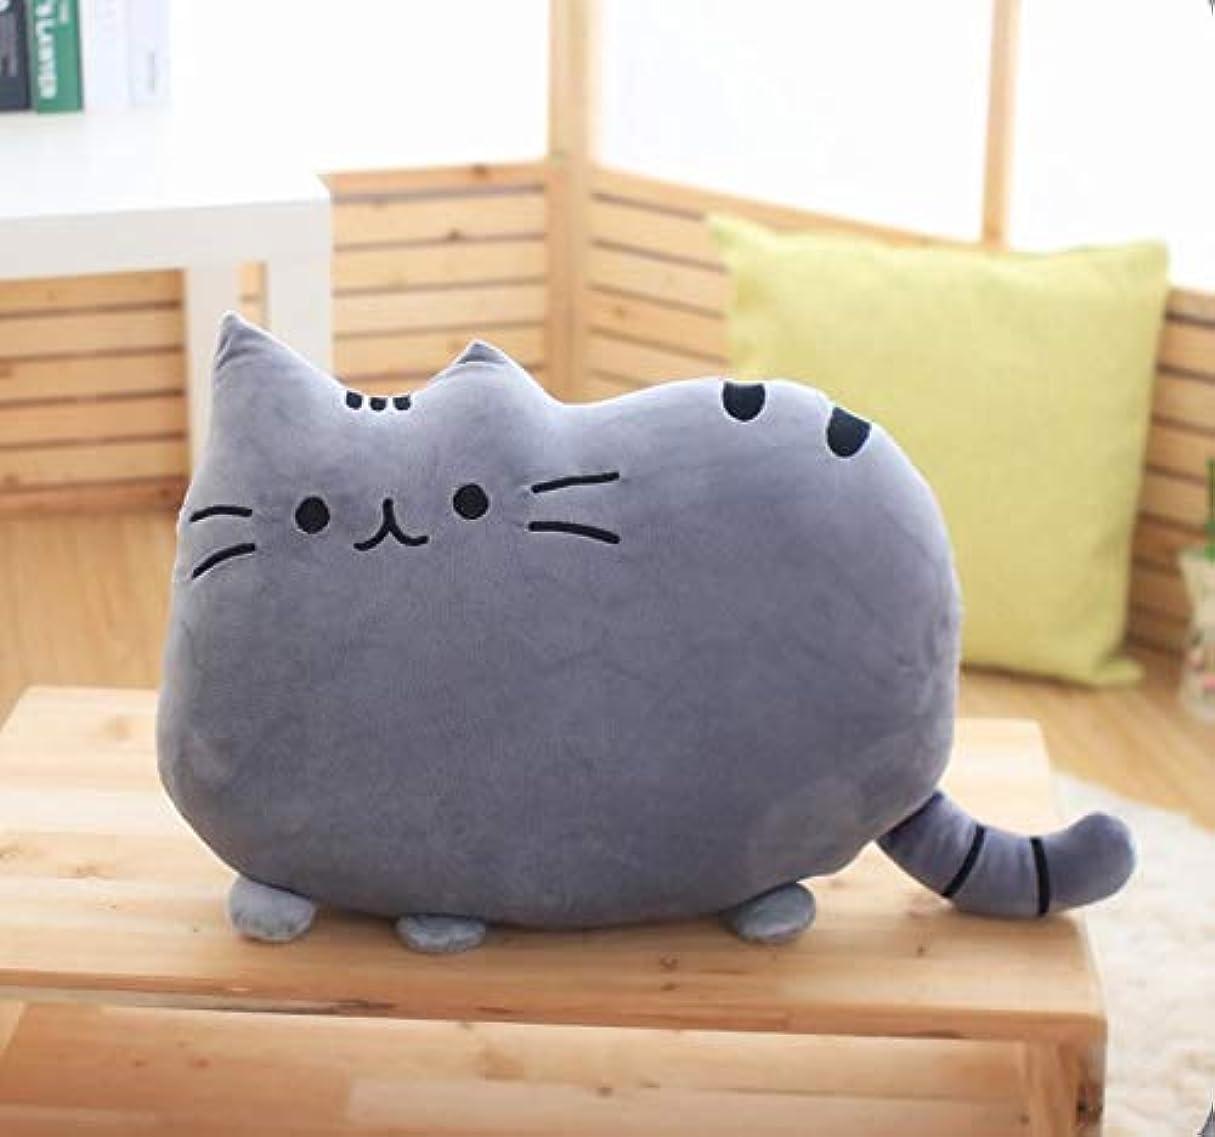 引退した魔術師消費するLIFE8 色かわいい脂肪猫ベビーぬいぐるみ 20/40 センチメートル枕人形子供のための高品質ソフトクッション綿 Brinquedos 子供のためのギフトクッション 椅子